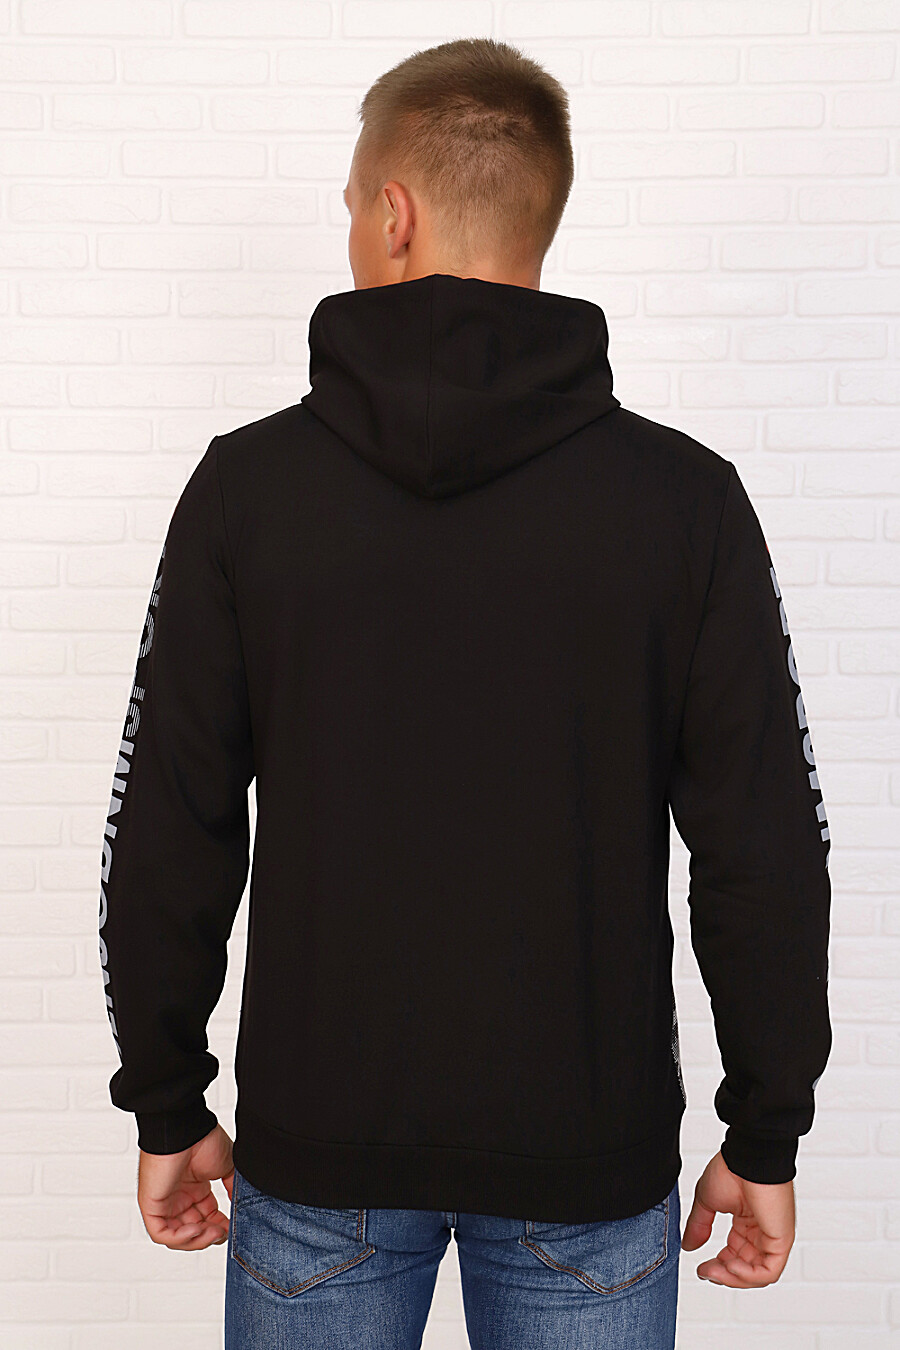 Толстовка 4925 для мужчин НАТАЛИ 683253 купить оптом от производителя. Совместная покупка мужской одежды в OptMoyo